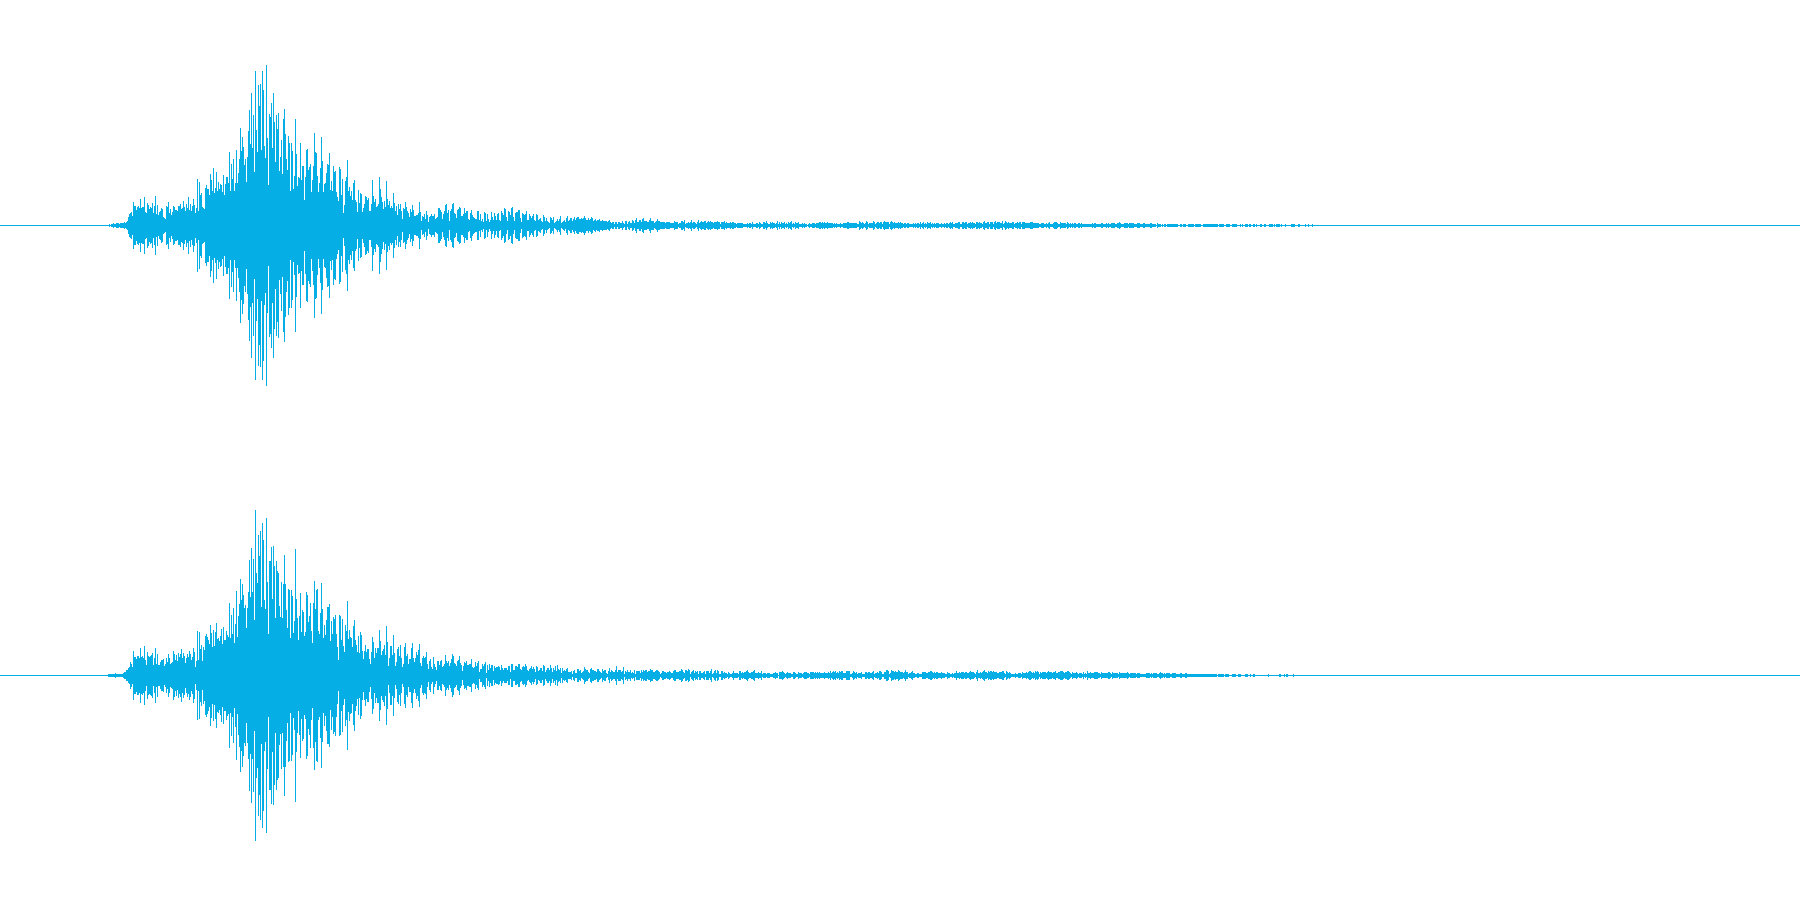 ゲーム・アプリSEキャンセル、ページ移動の再生済みの波形